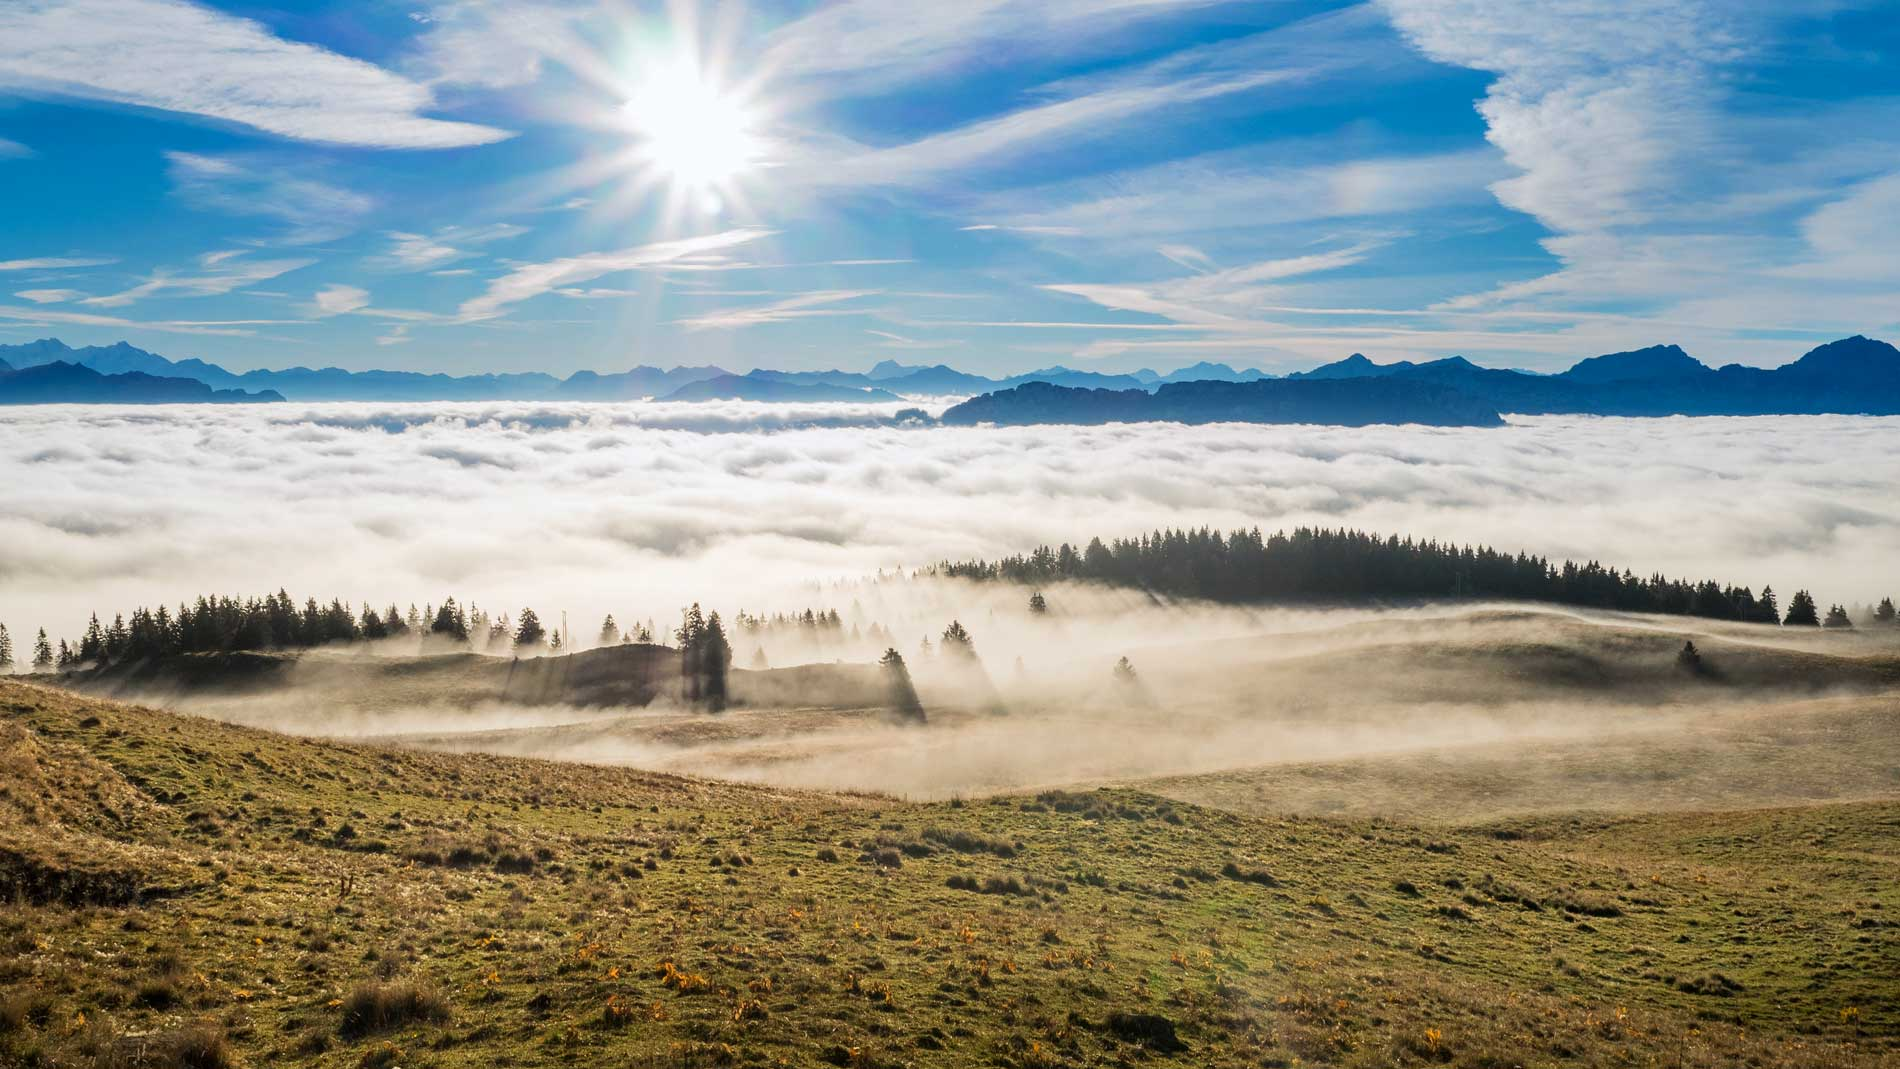 Mer de nuages en montagne